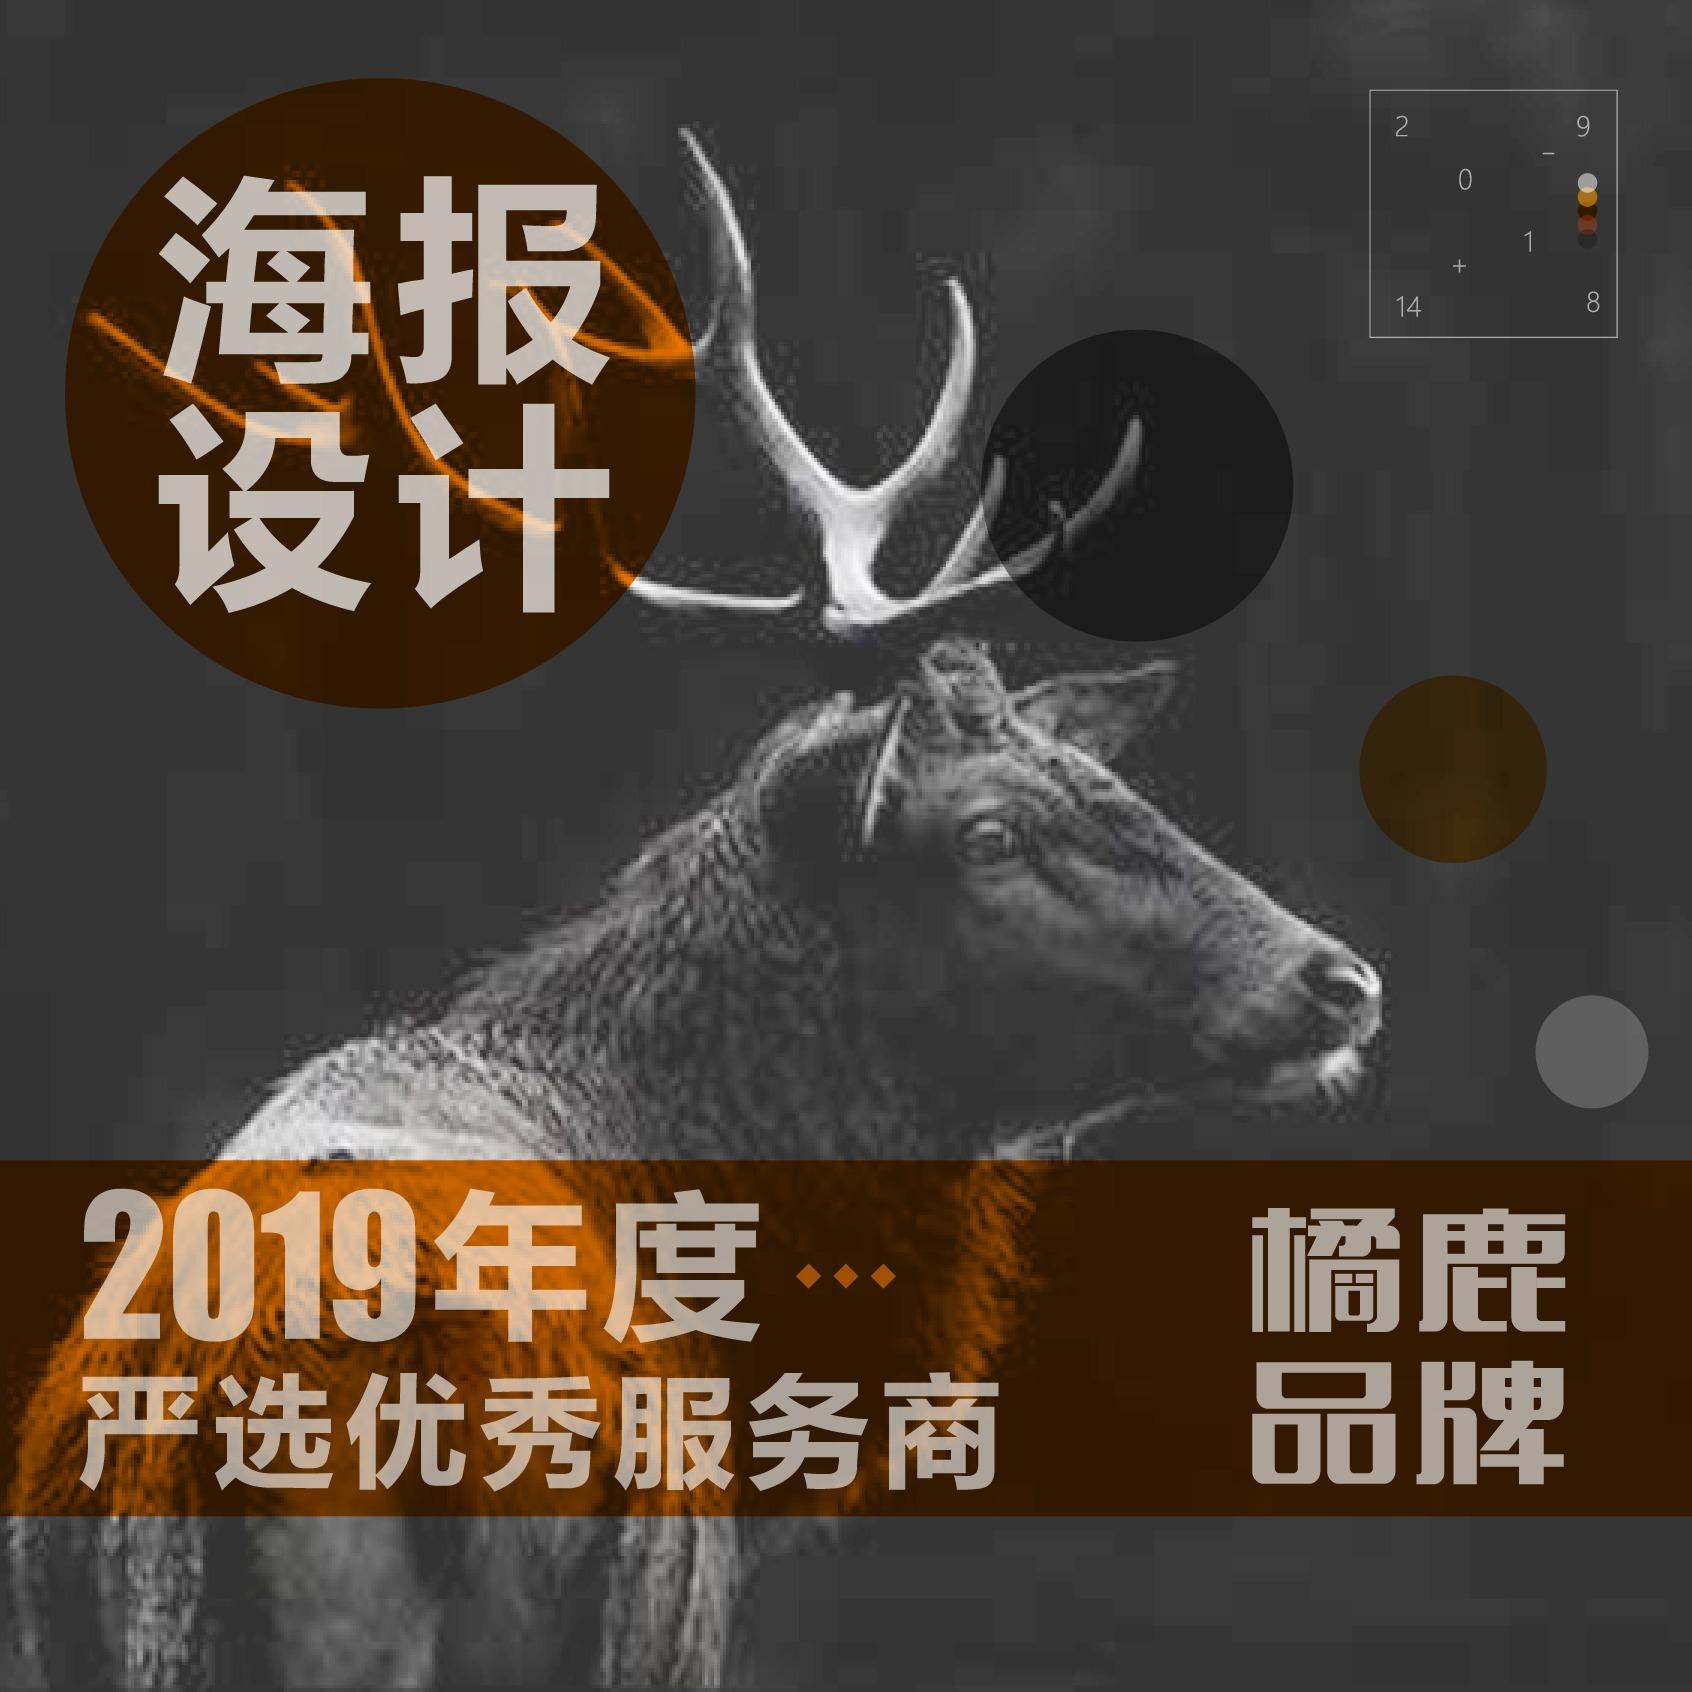 【橘鹿品牌】创意海报DM单宣传单/易拉宝展架会议背景 手绘等